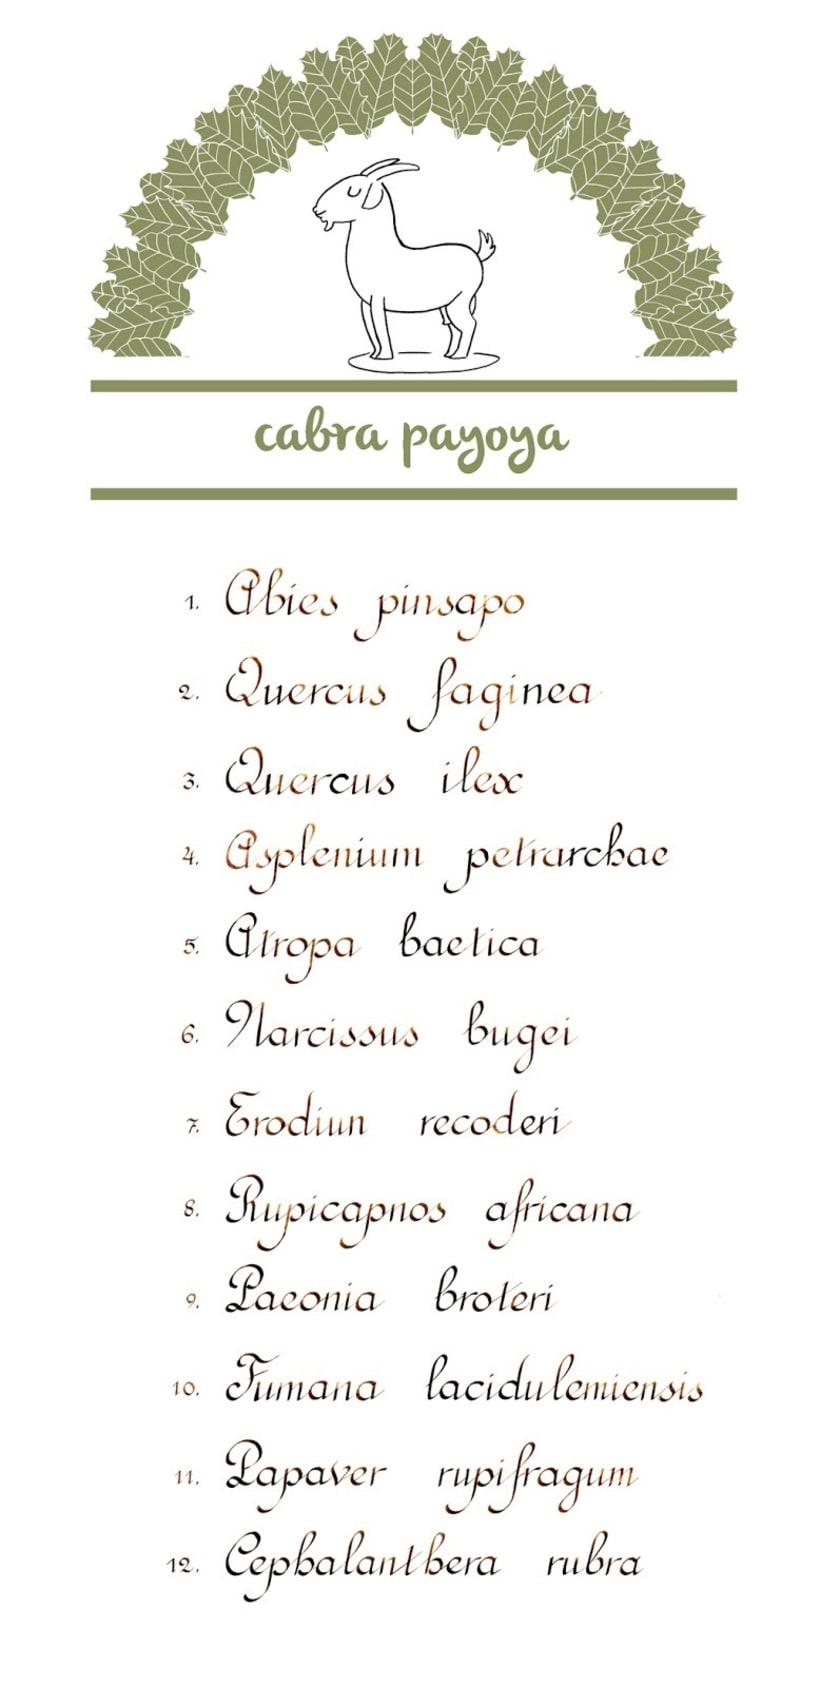 Proyecto Cabra Payoya. 01. 1